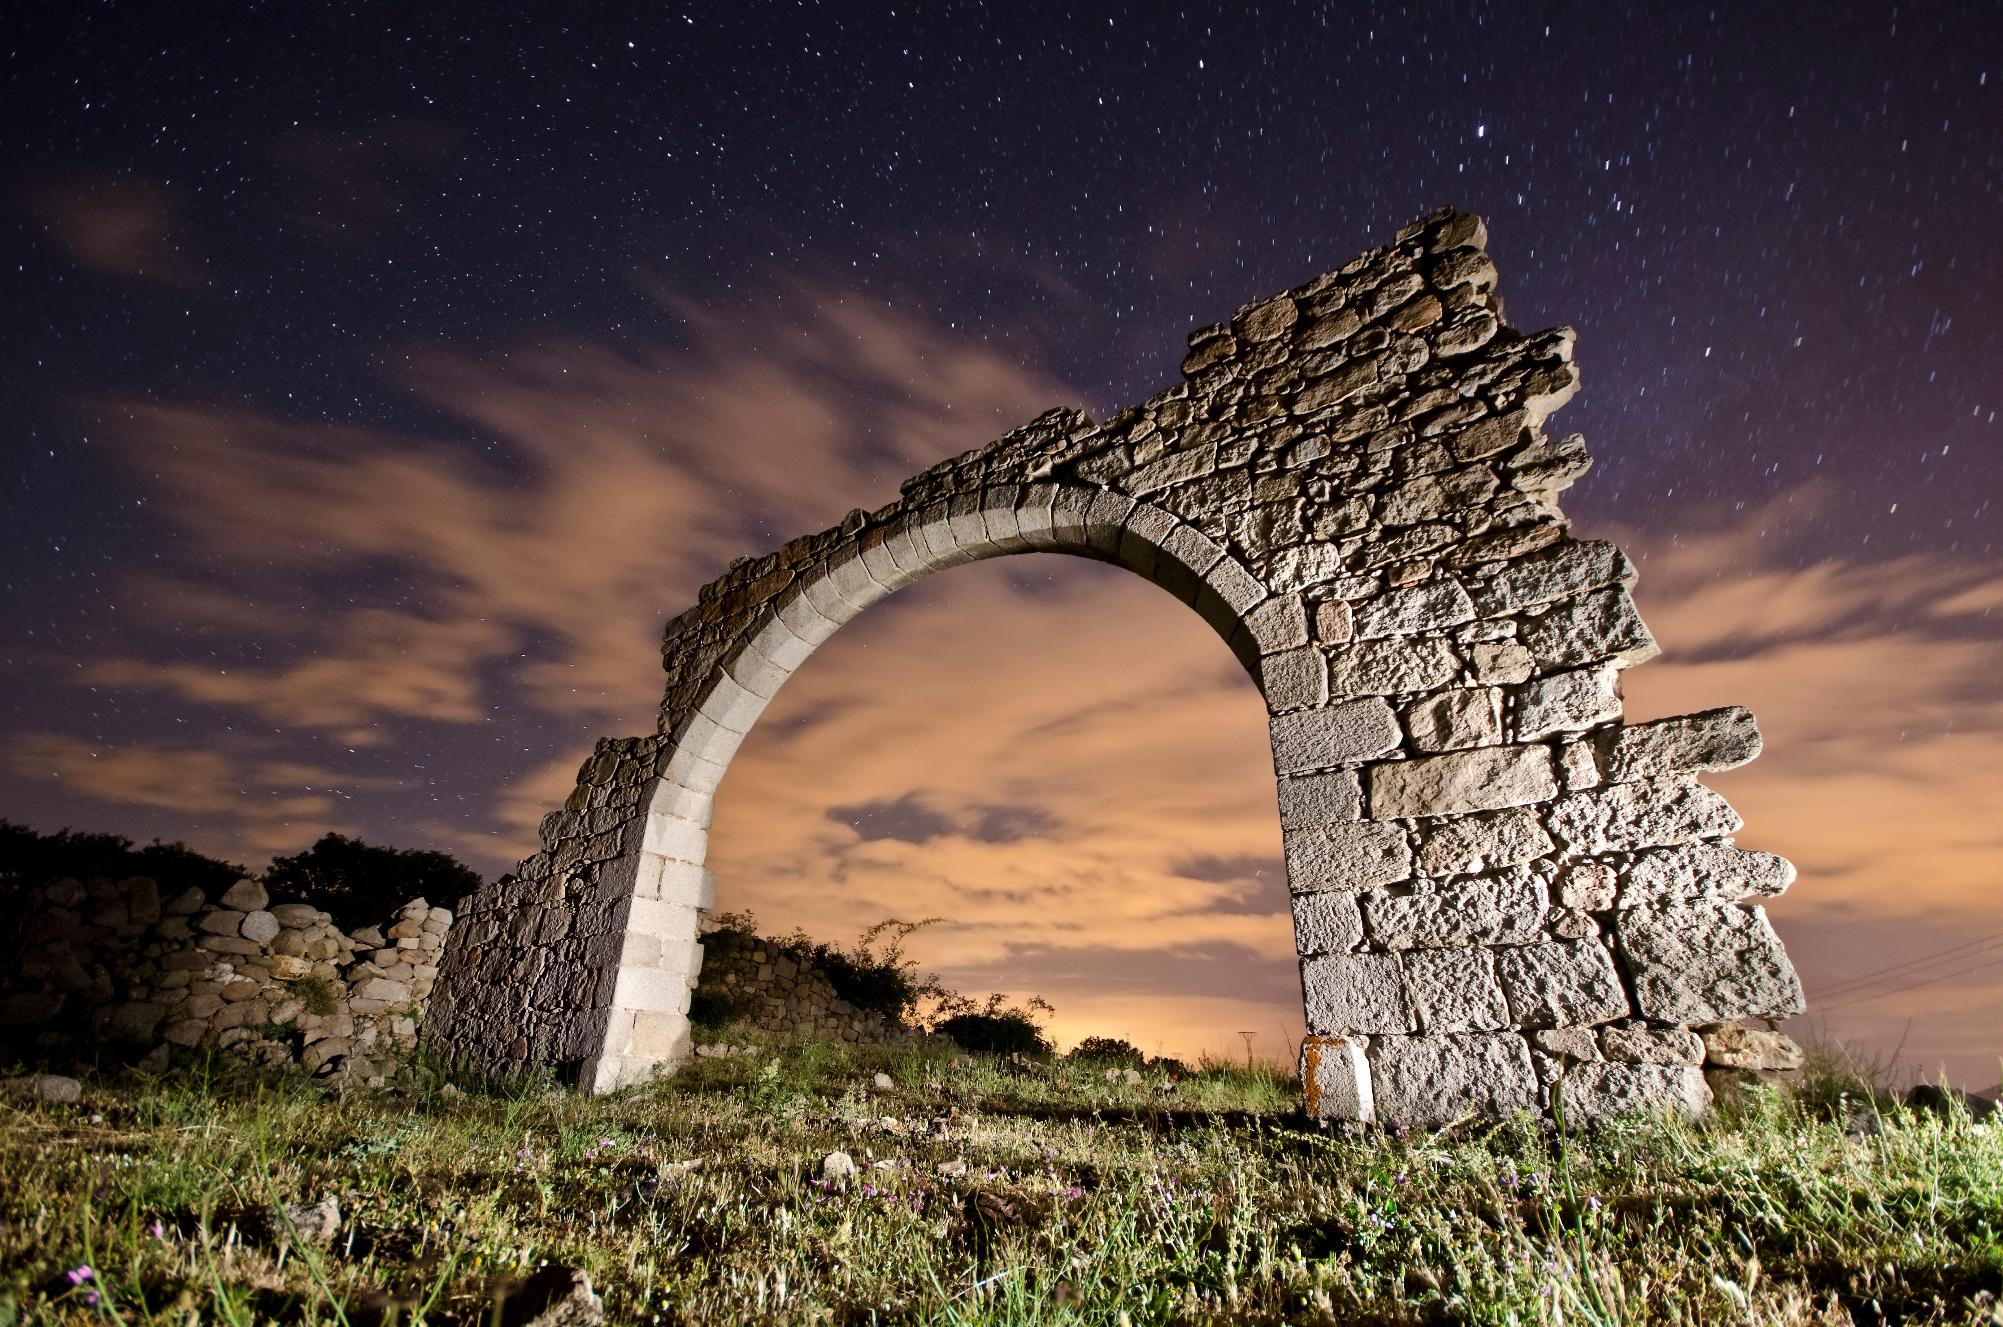 Arch Flickr luis Fernandex